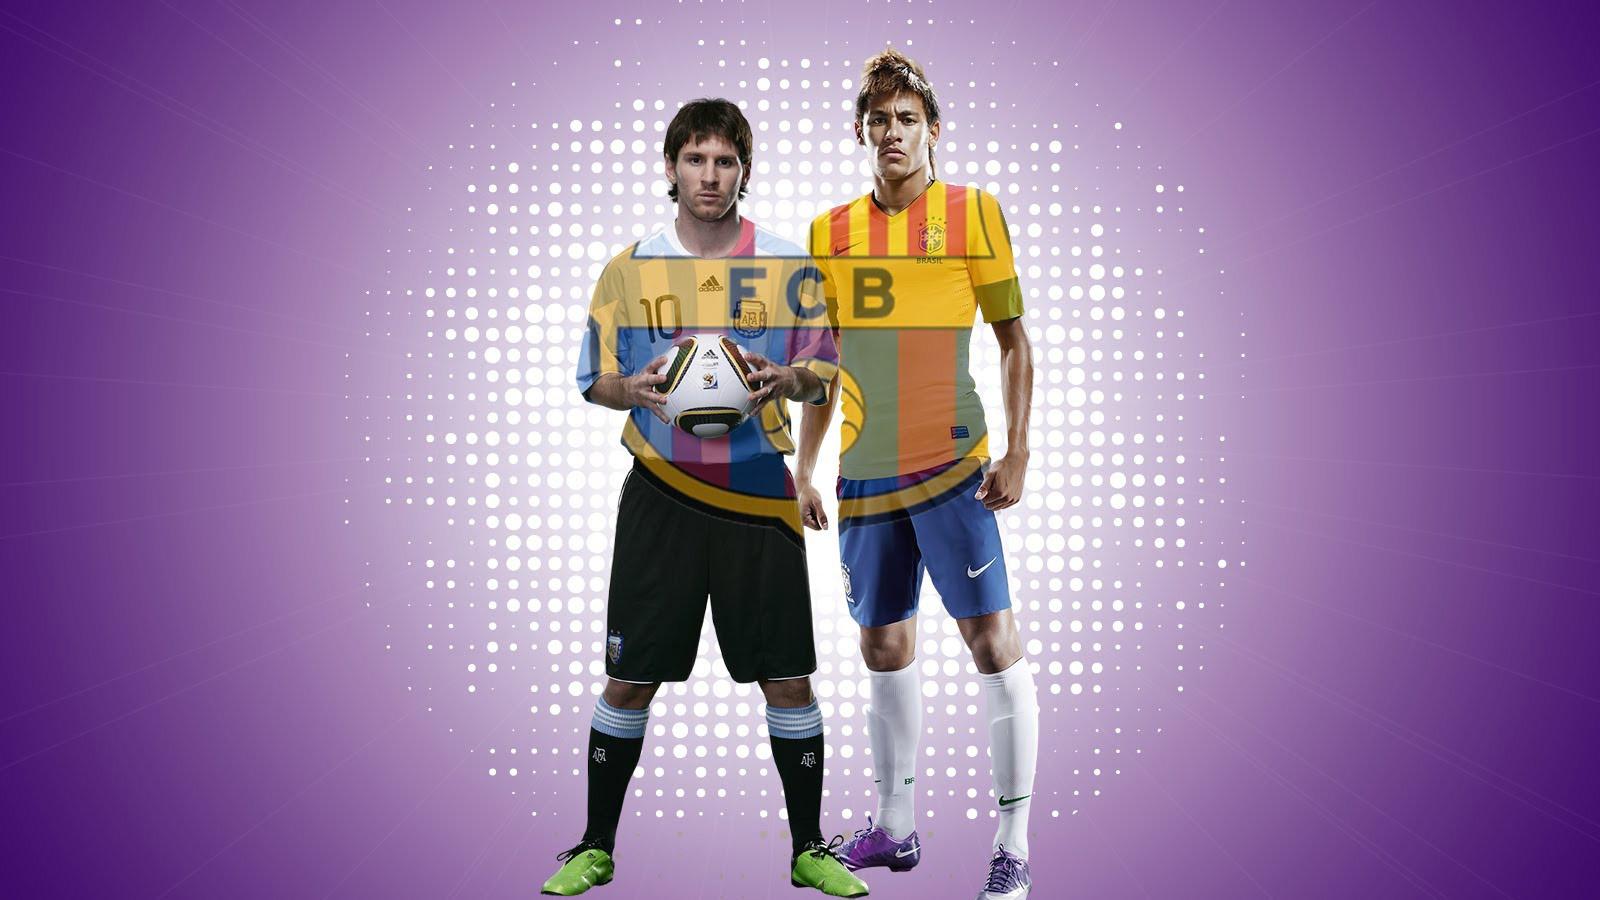 Messi Neymar HD Wallpaper